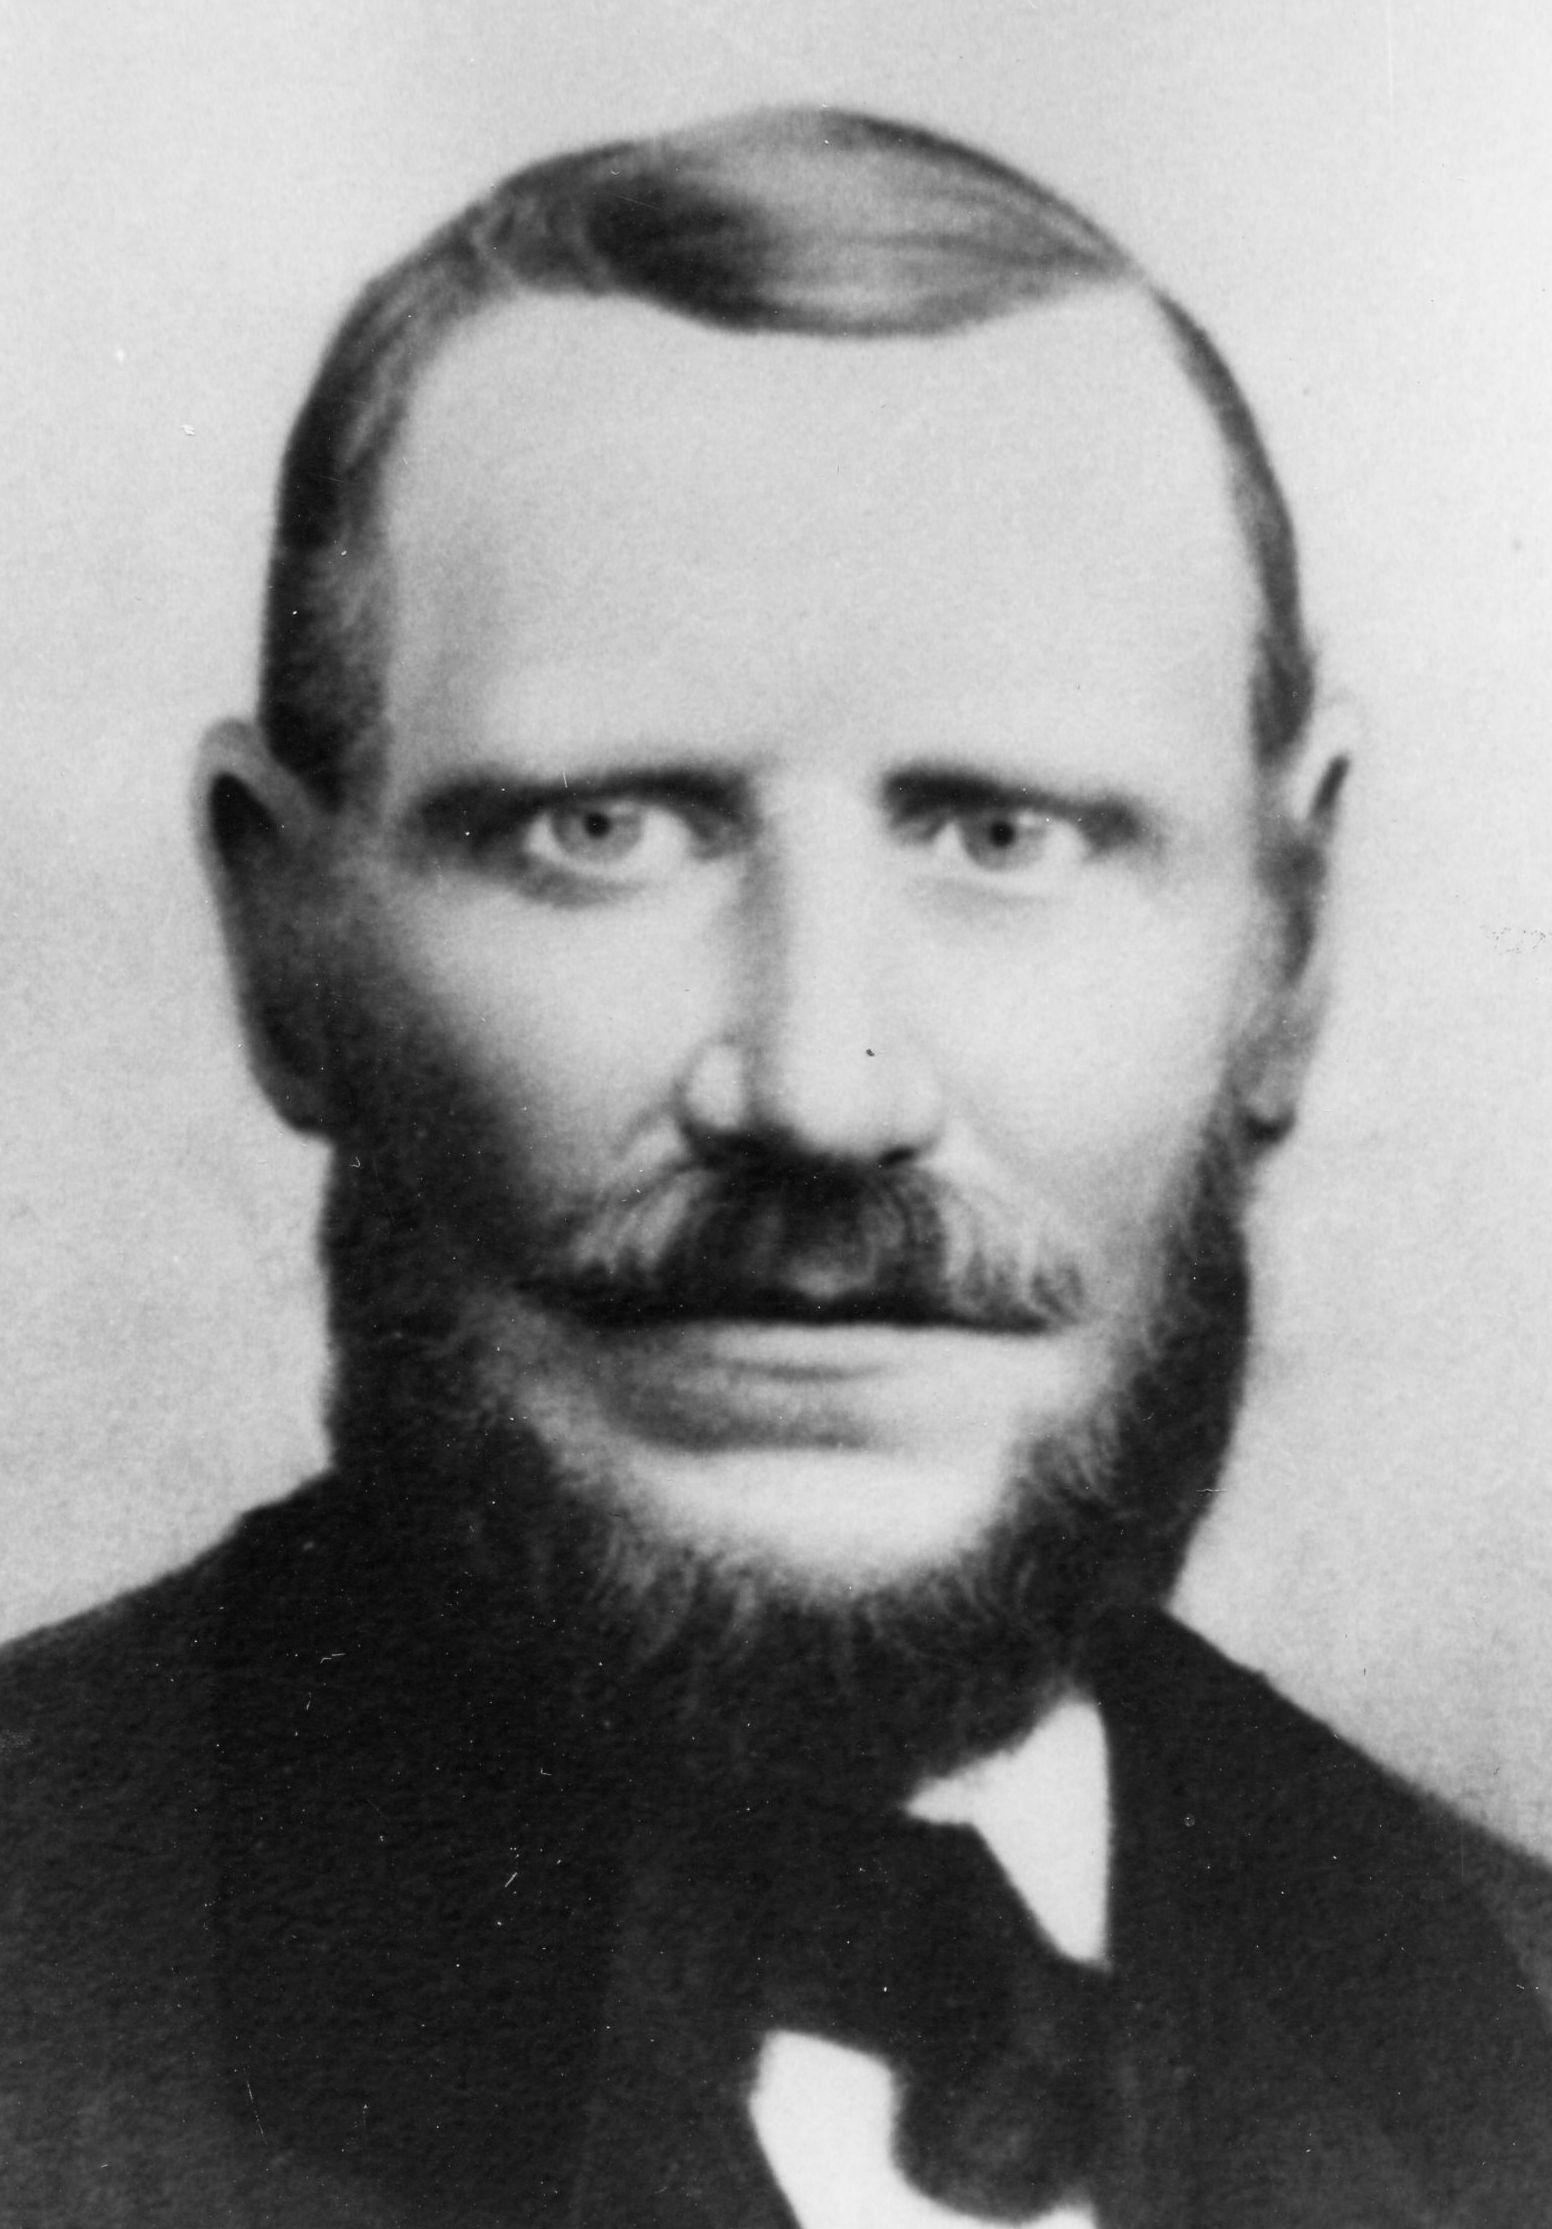 Aagaard, Niels Jensen